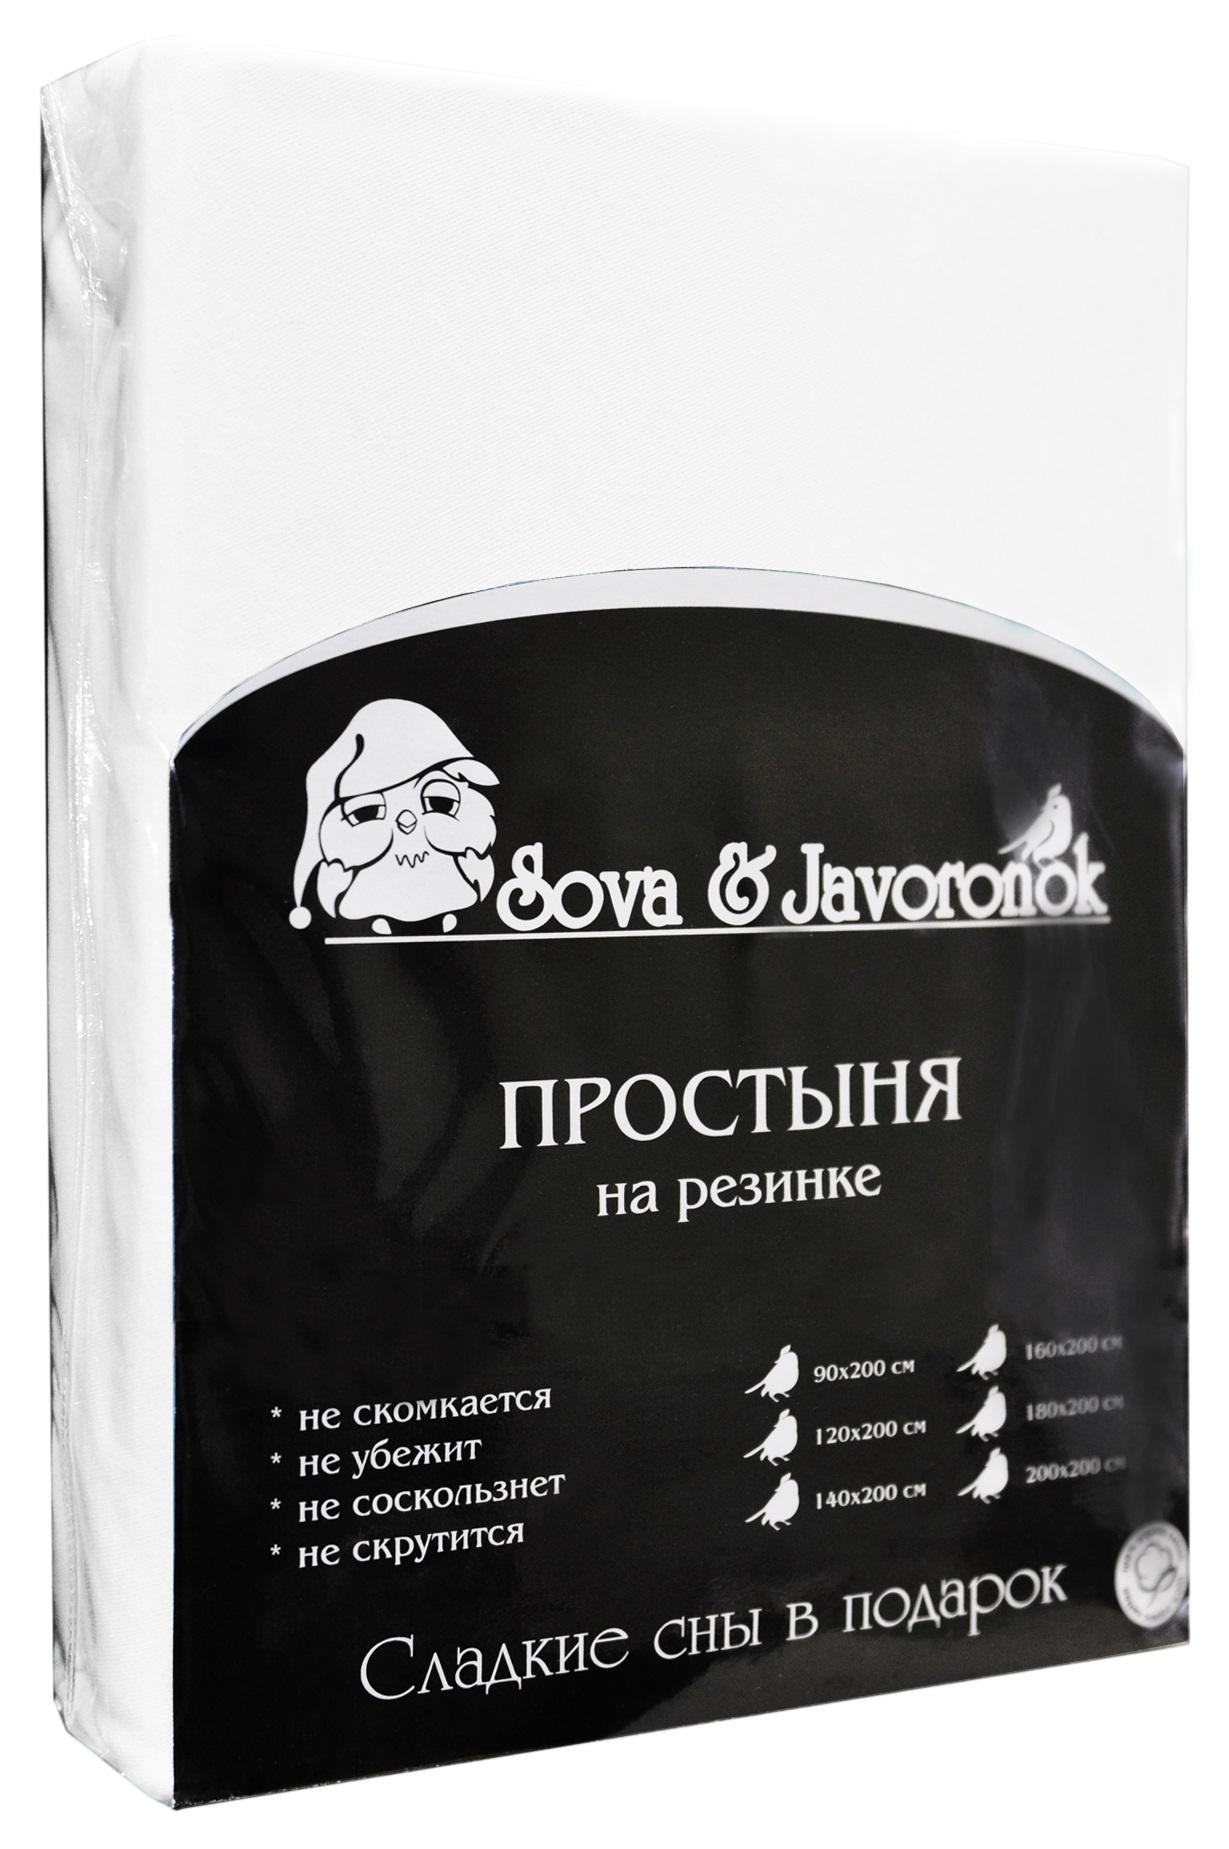 Простыня на резинке Sova & Javoronok, цвет: белый, 200 х 200 смES-412Простыня на резинке Sova & Javoronok, изготовленная из трикотажной ткани (100% хлопок), будет превосходно смотреться с любыми комплектами белья. Хлопчатобумажный трикотаж по праву считается одним из самых качественных, прочных и при этом приятных на ощупь. Его гигиеничность позволяет использовать простыню и в детских комнатах, к тому же 100%-ый хлопок в составе ткани не вызовет аллергии. У трикотажного полотна очень интересная структура, немного рыхлая за счет отсутствия плотного переплетения нитей и наличия особых петель, благодаря этому простыня Сова и Жаворонок отлично пропускает воздух и способствует его постоянной циркуляции. Поэтому ваша постель будет всегда оставаться свежей. Но главное и, пожалуй, самое известное свойство трикотажа - это его великолепная растяжимость, поэтому эта ткань и была выбрана для натяжной простыни на резинке.Простыня прошита резинкой по всему периметру, что обеспечивает более комфортный отдых, так как она прочно удерживается на матрасе и избавляет от необходимости часто поправлять простыню.